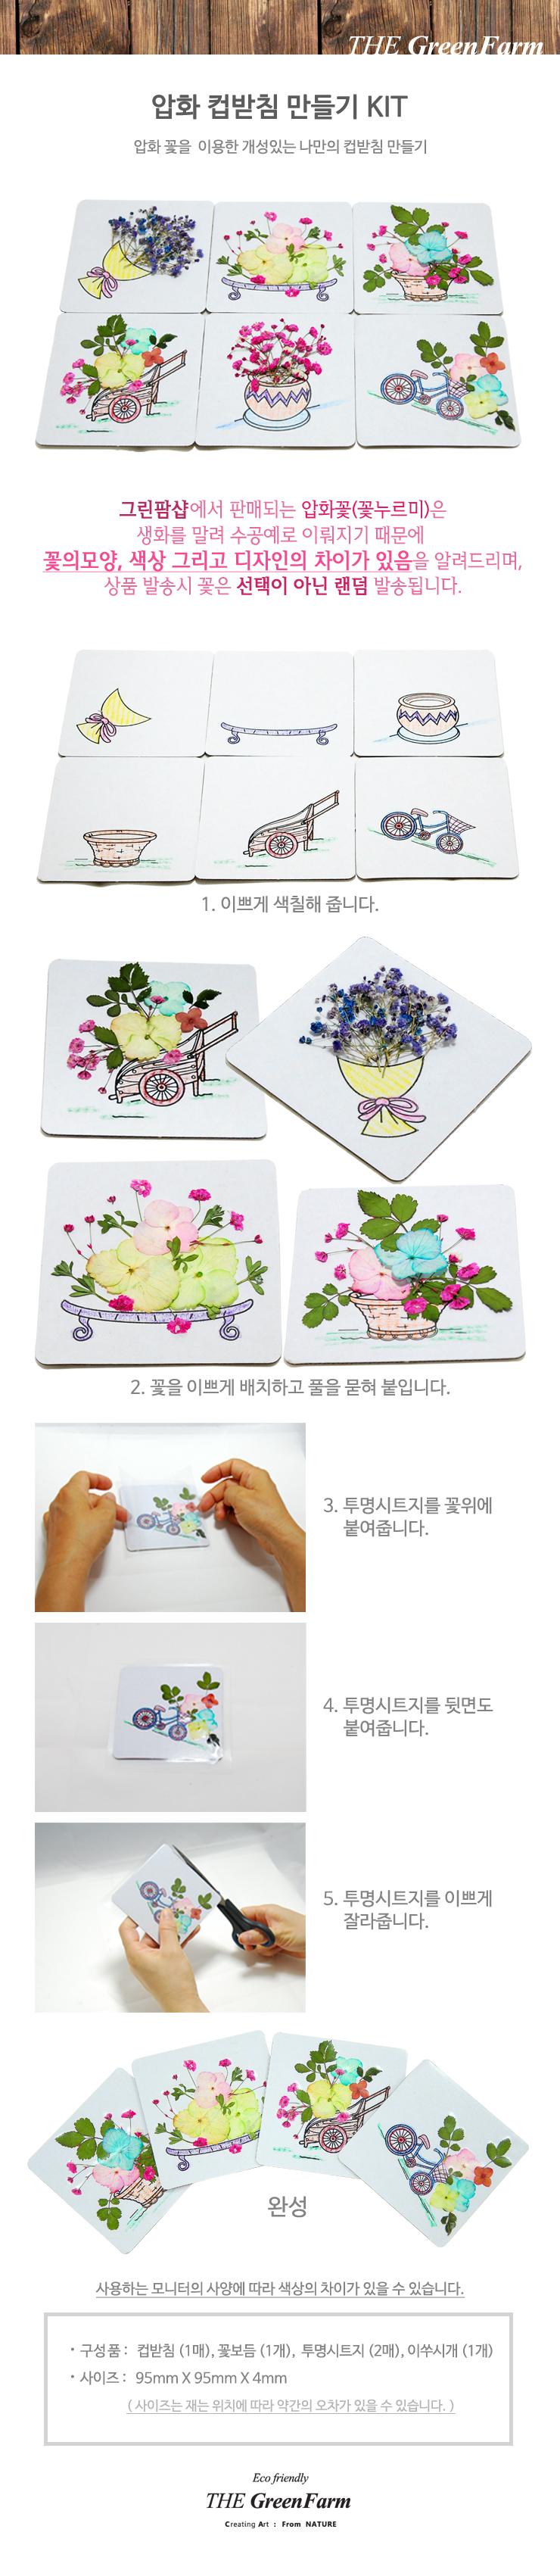 꽃보듬(압화) 컵받침대 만들기 KIT - 그린팜, 3,000원, 압화 공예, 열쇠고리/소품 패키지